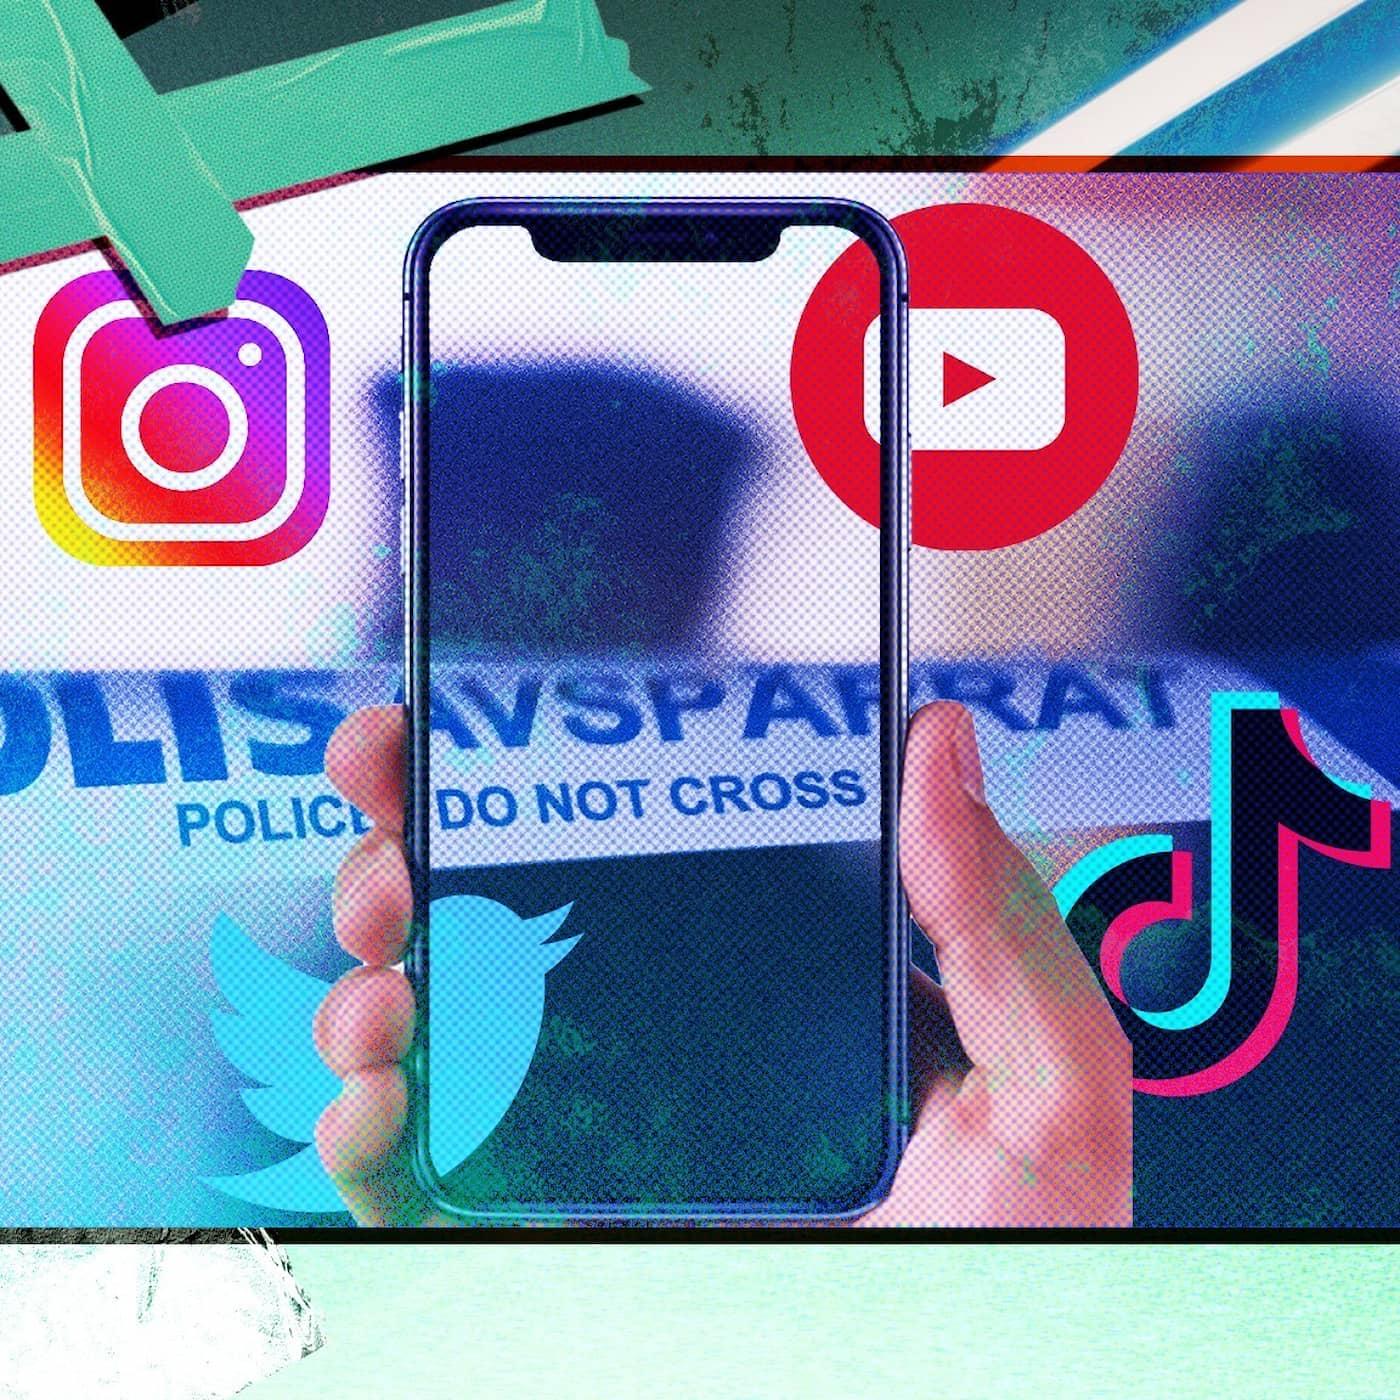 Polisen i sociala medier och deras hemliga konton